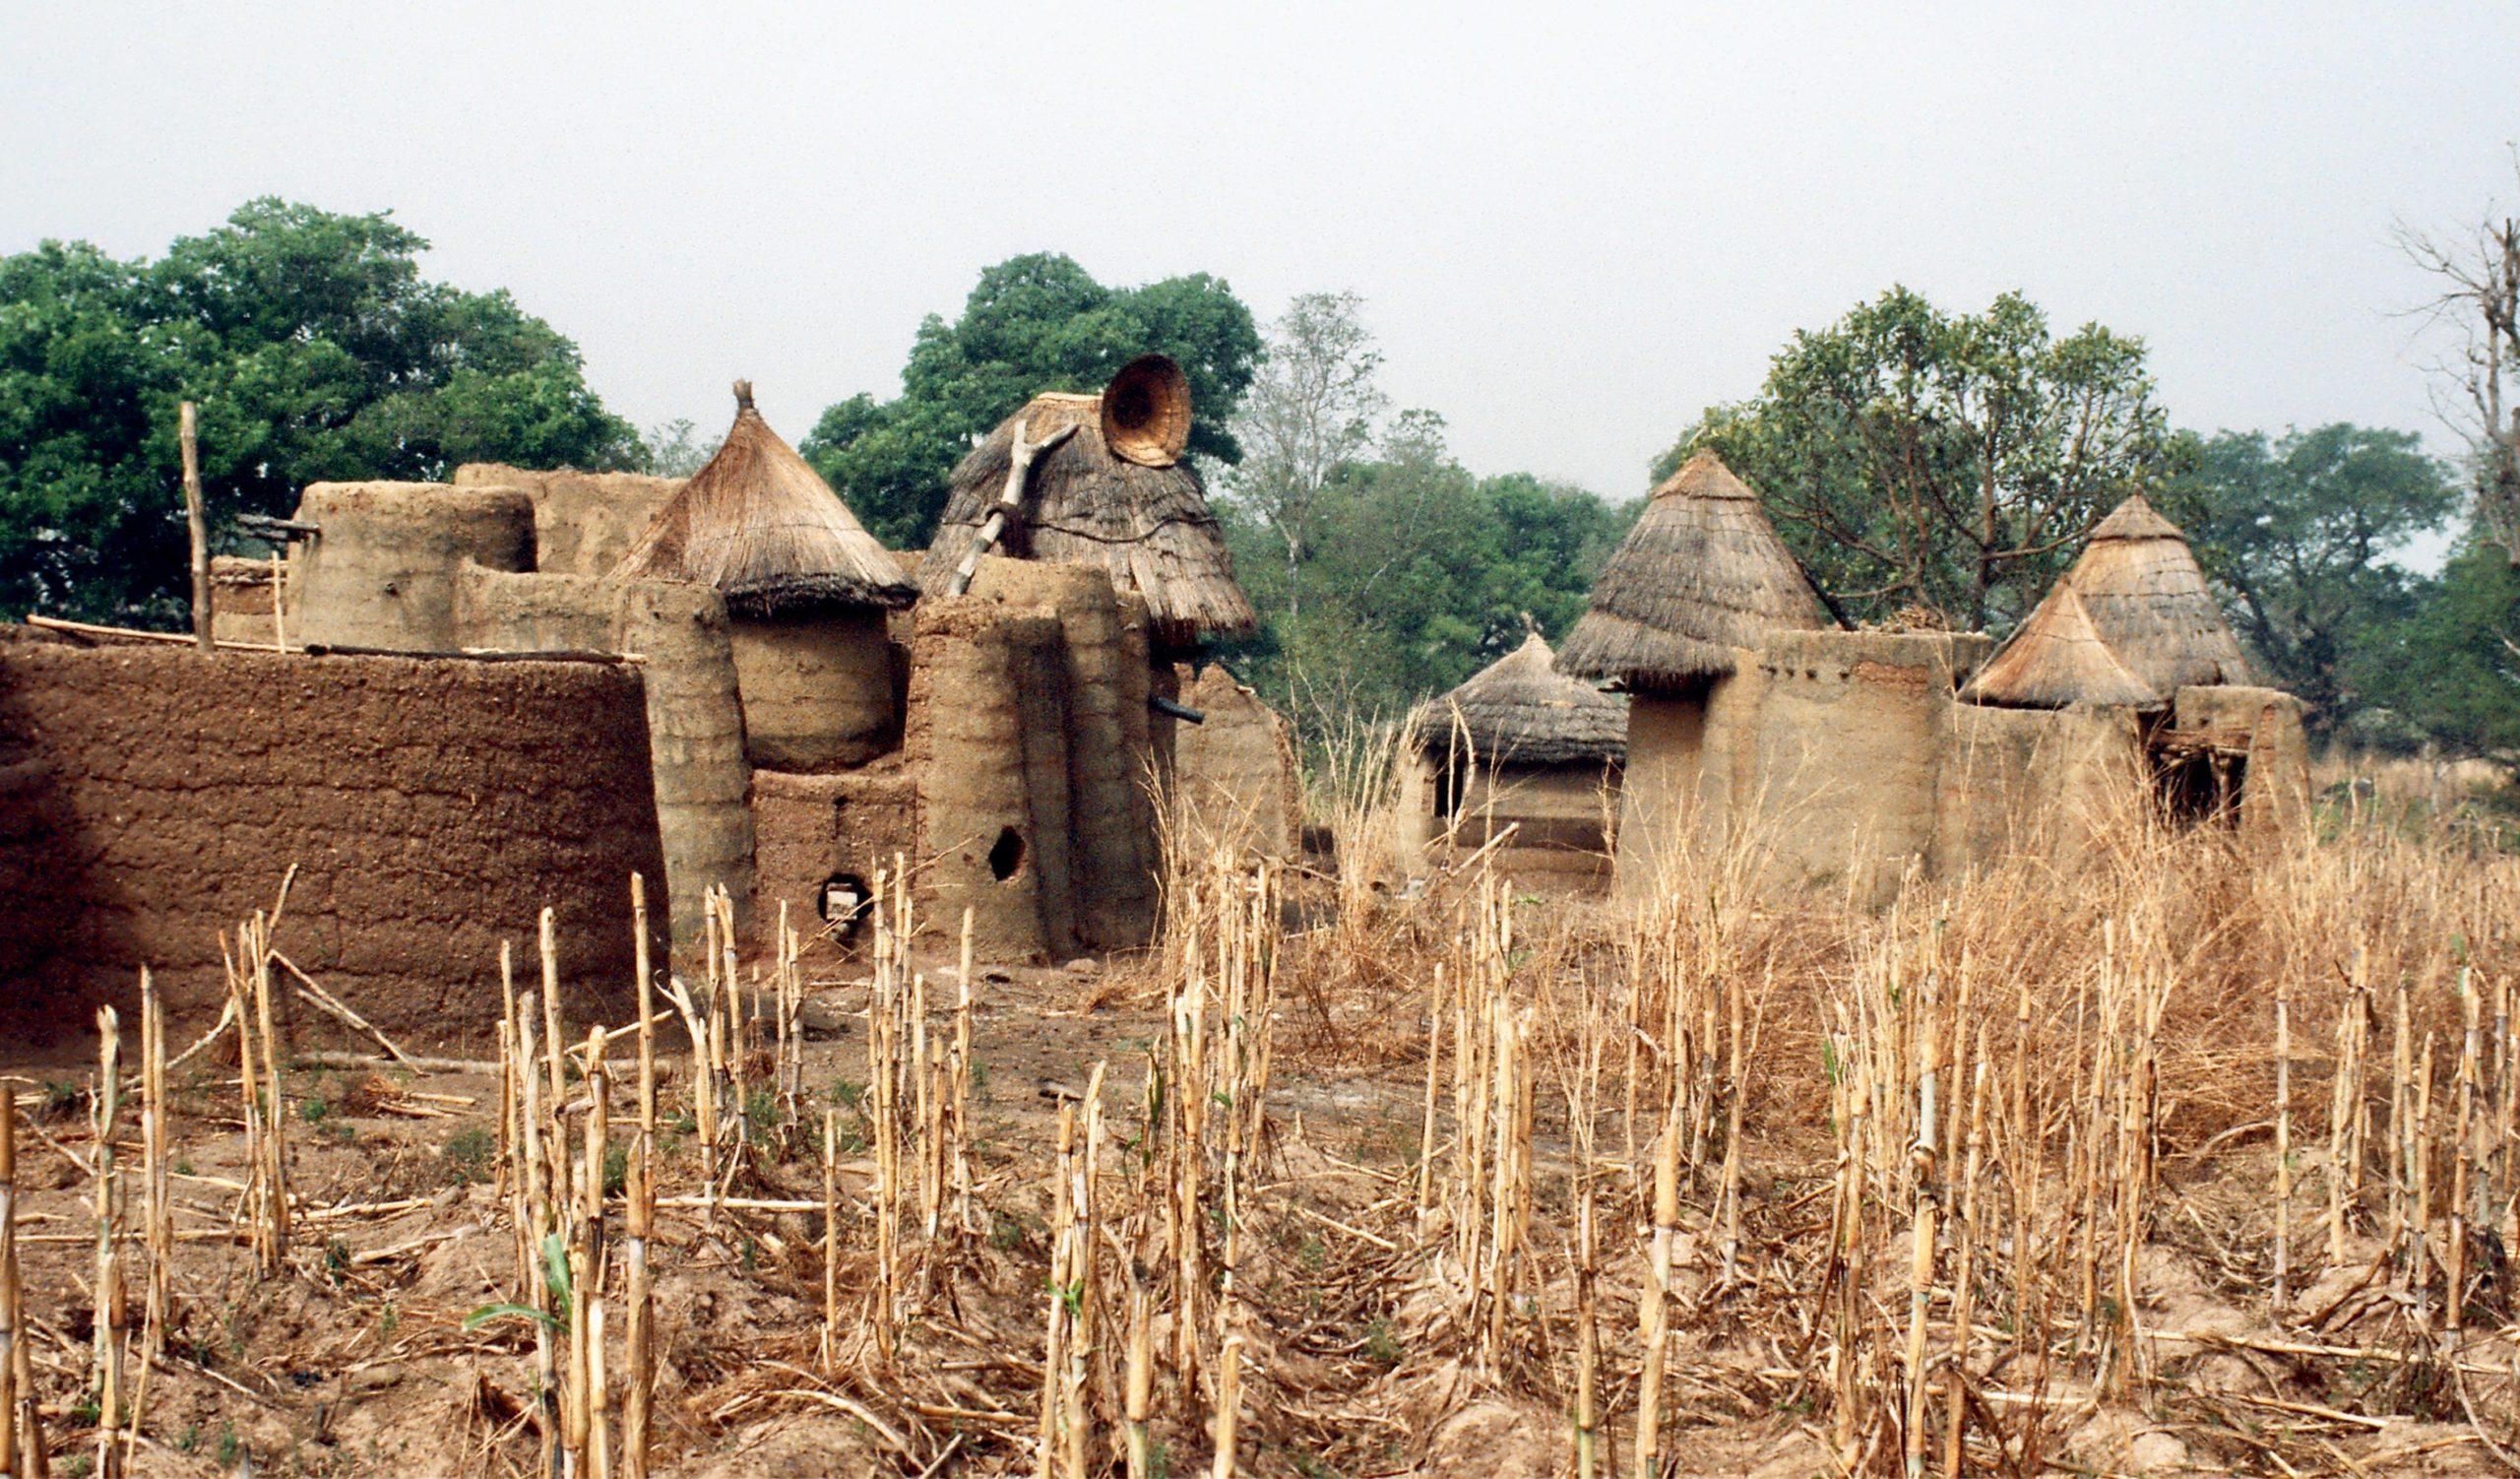 Benin: the houses of Batammariba that inspired Le Corbusier